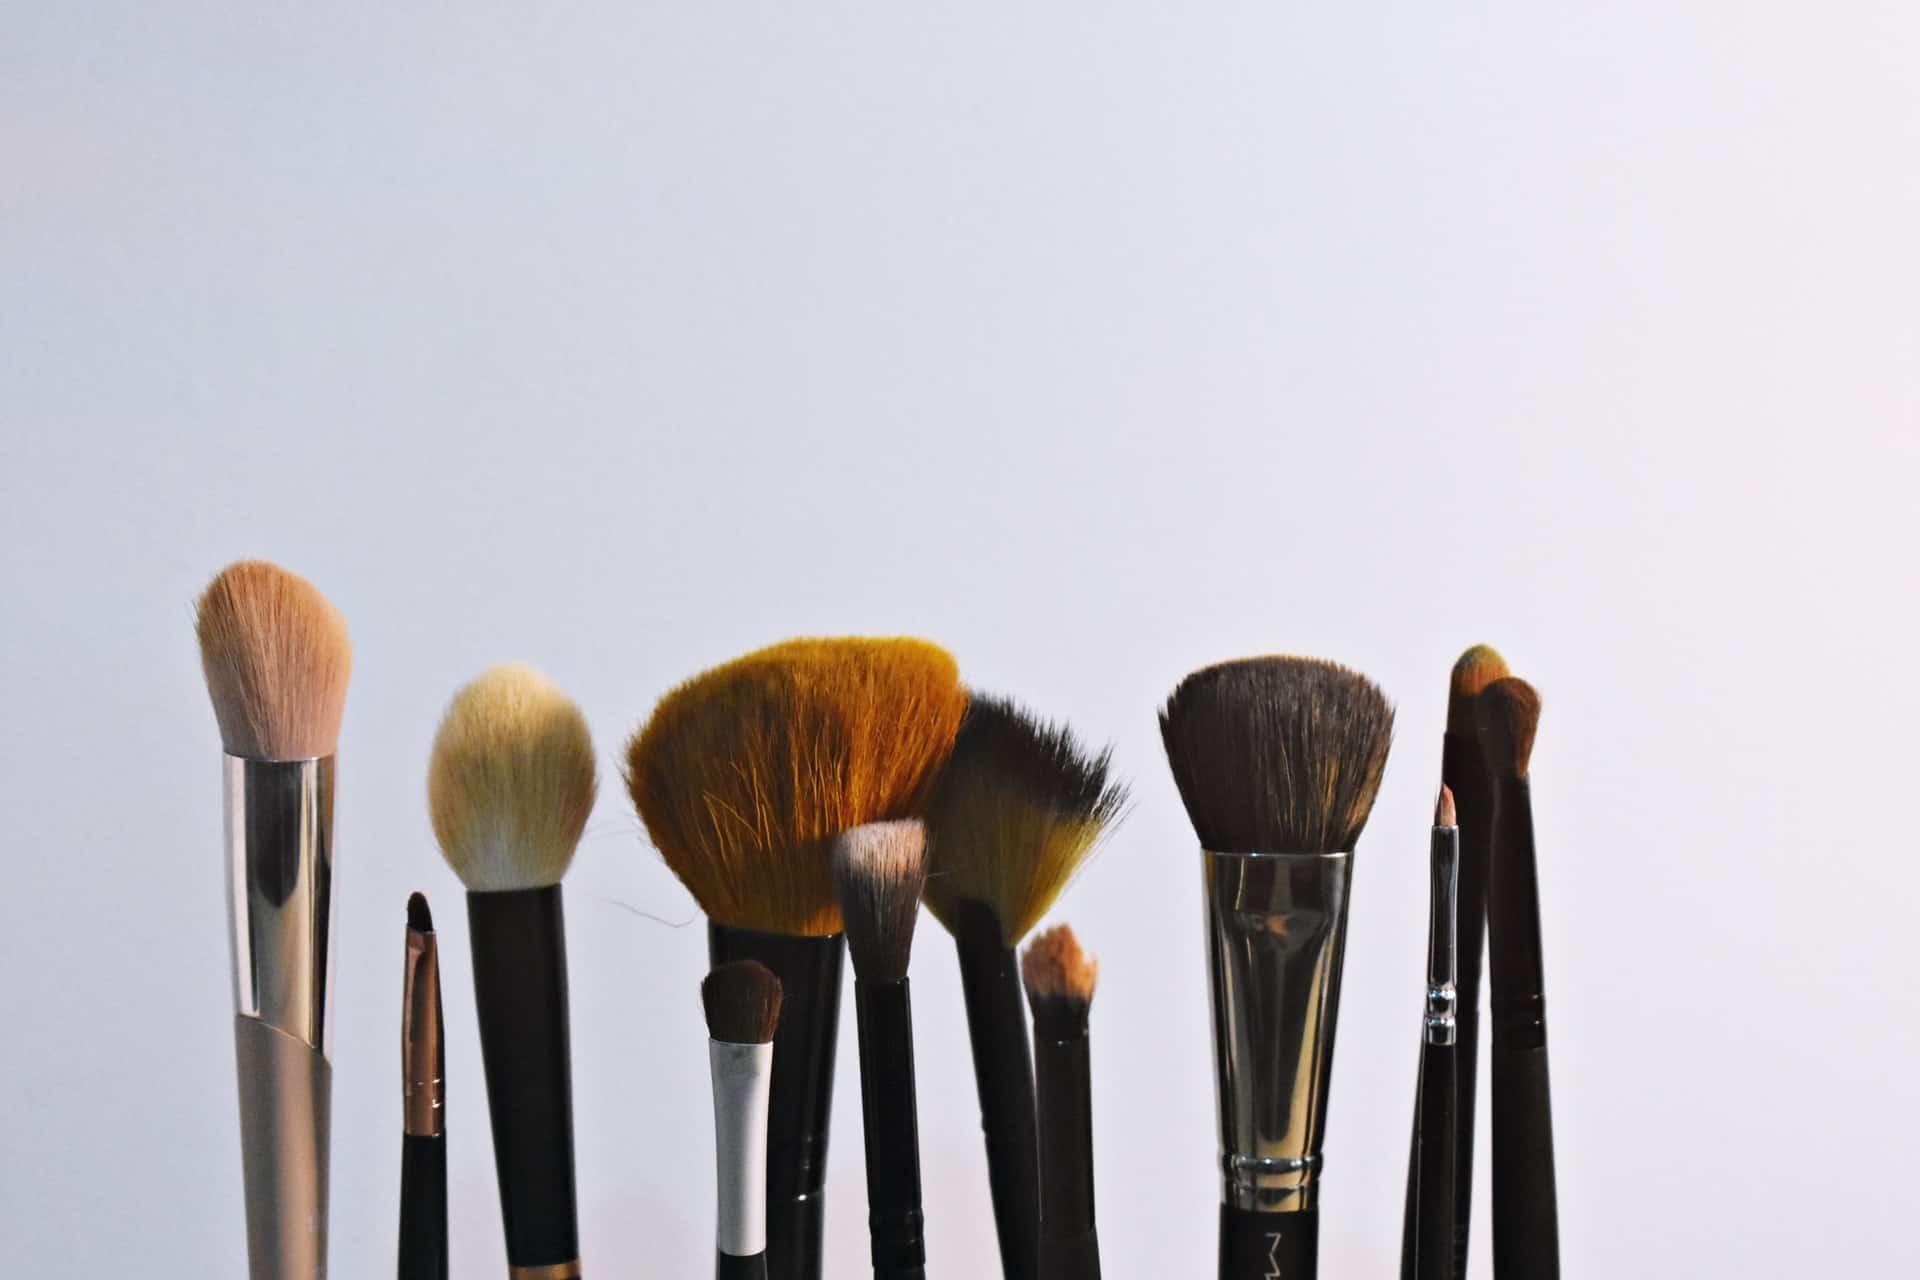 Foto de 12 pincéis de maquiagem, um ao lado do outro, todos de diferentes tipos.